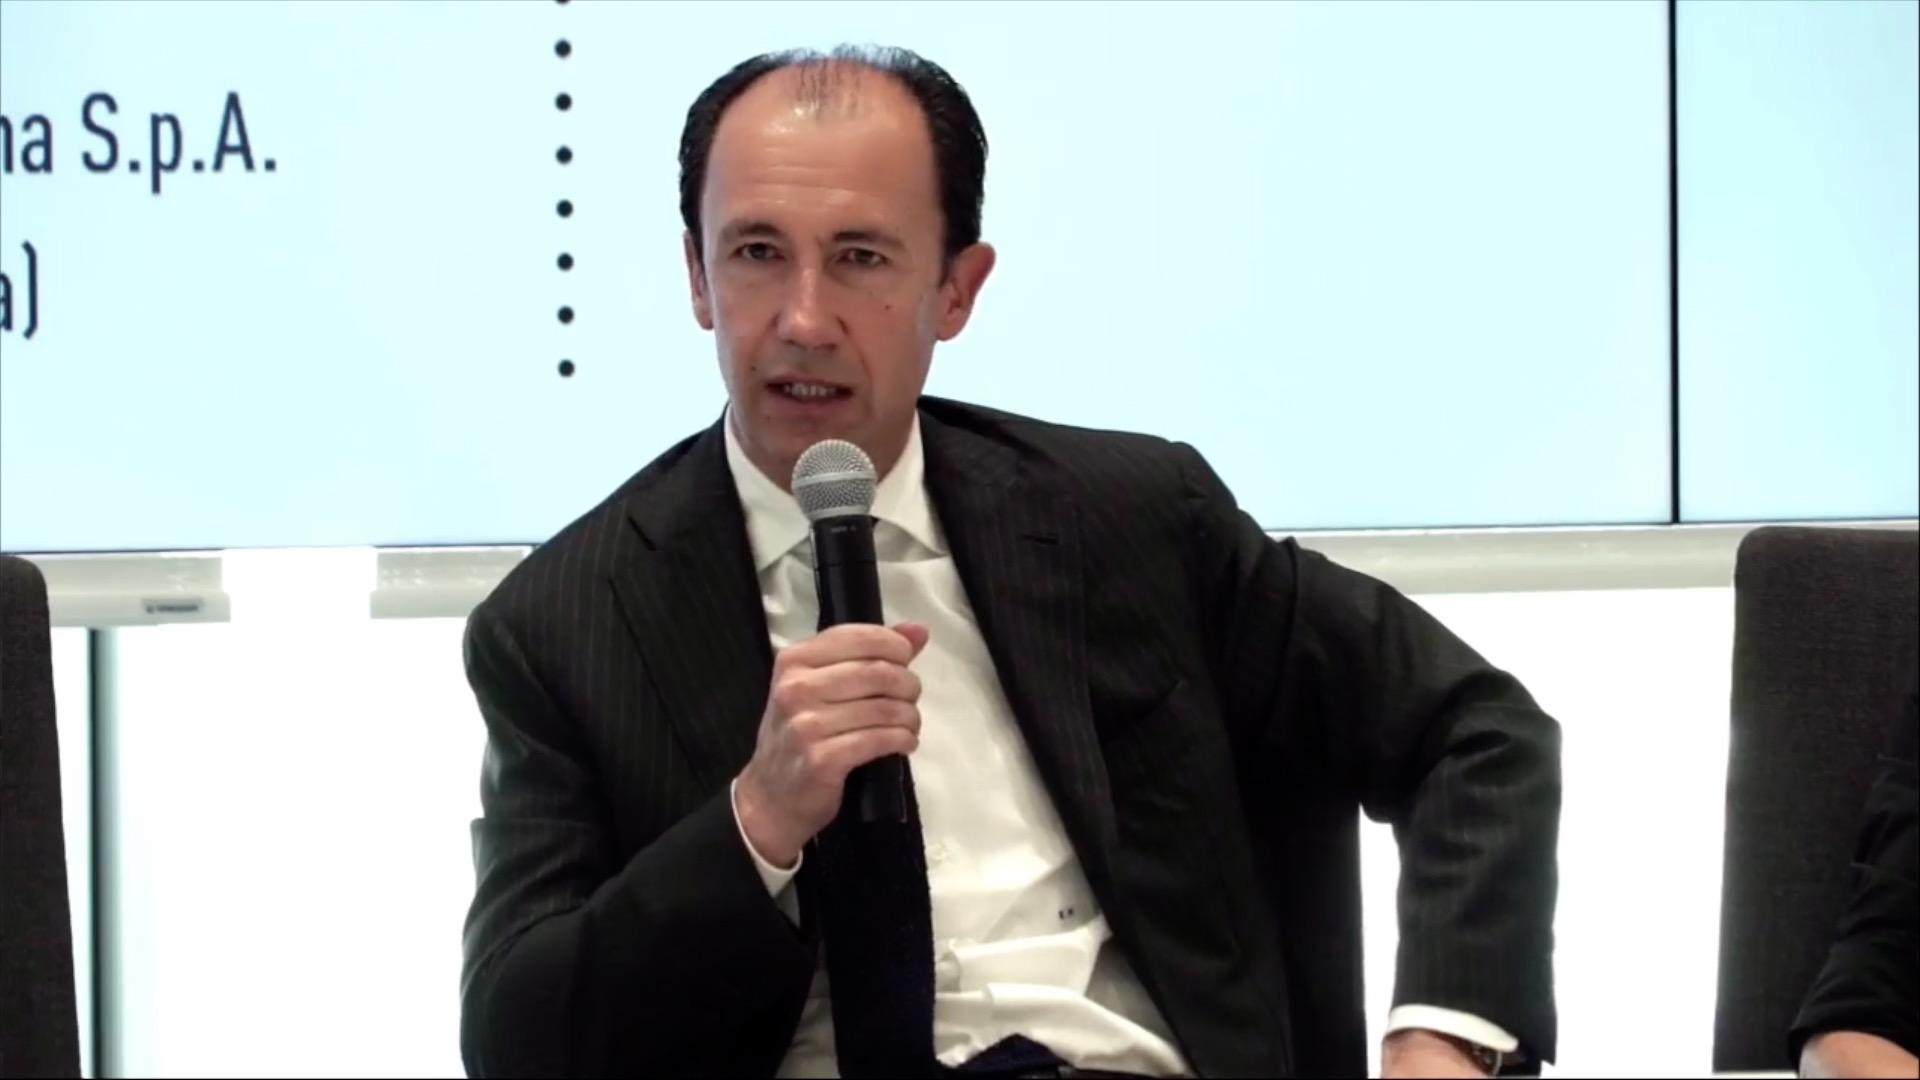 Erico Verderi, Vice Direttore Generale Carisbo-Gruppo Intesa San Paolo